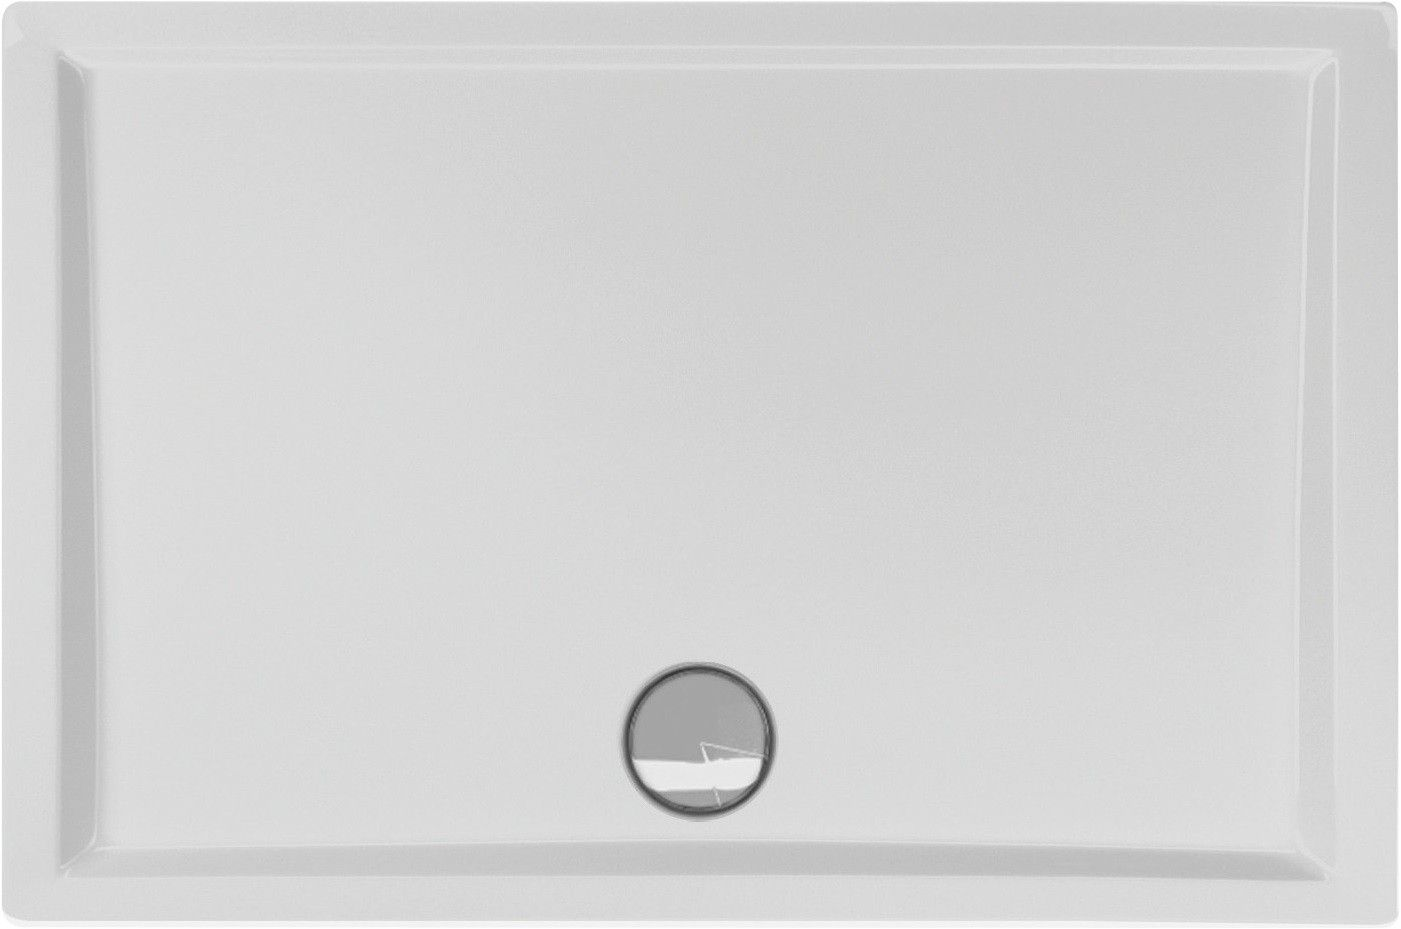 Duschwanne flach 110 x 80 x 4 cm (mit Bildern